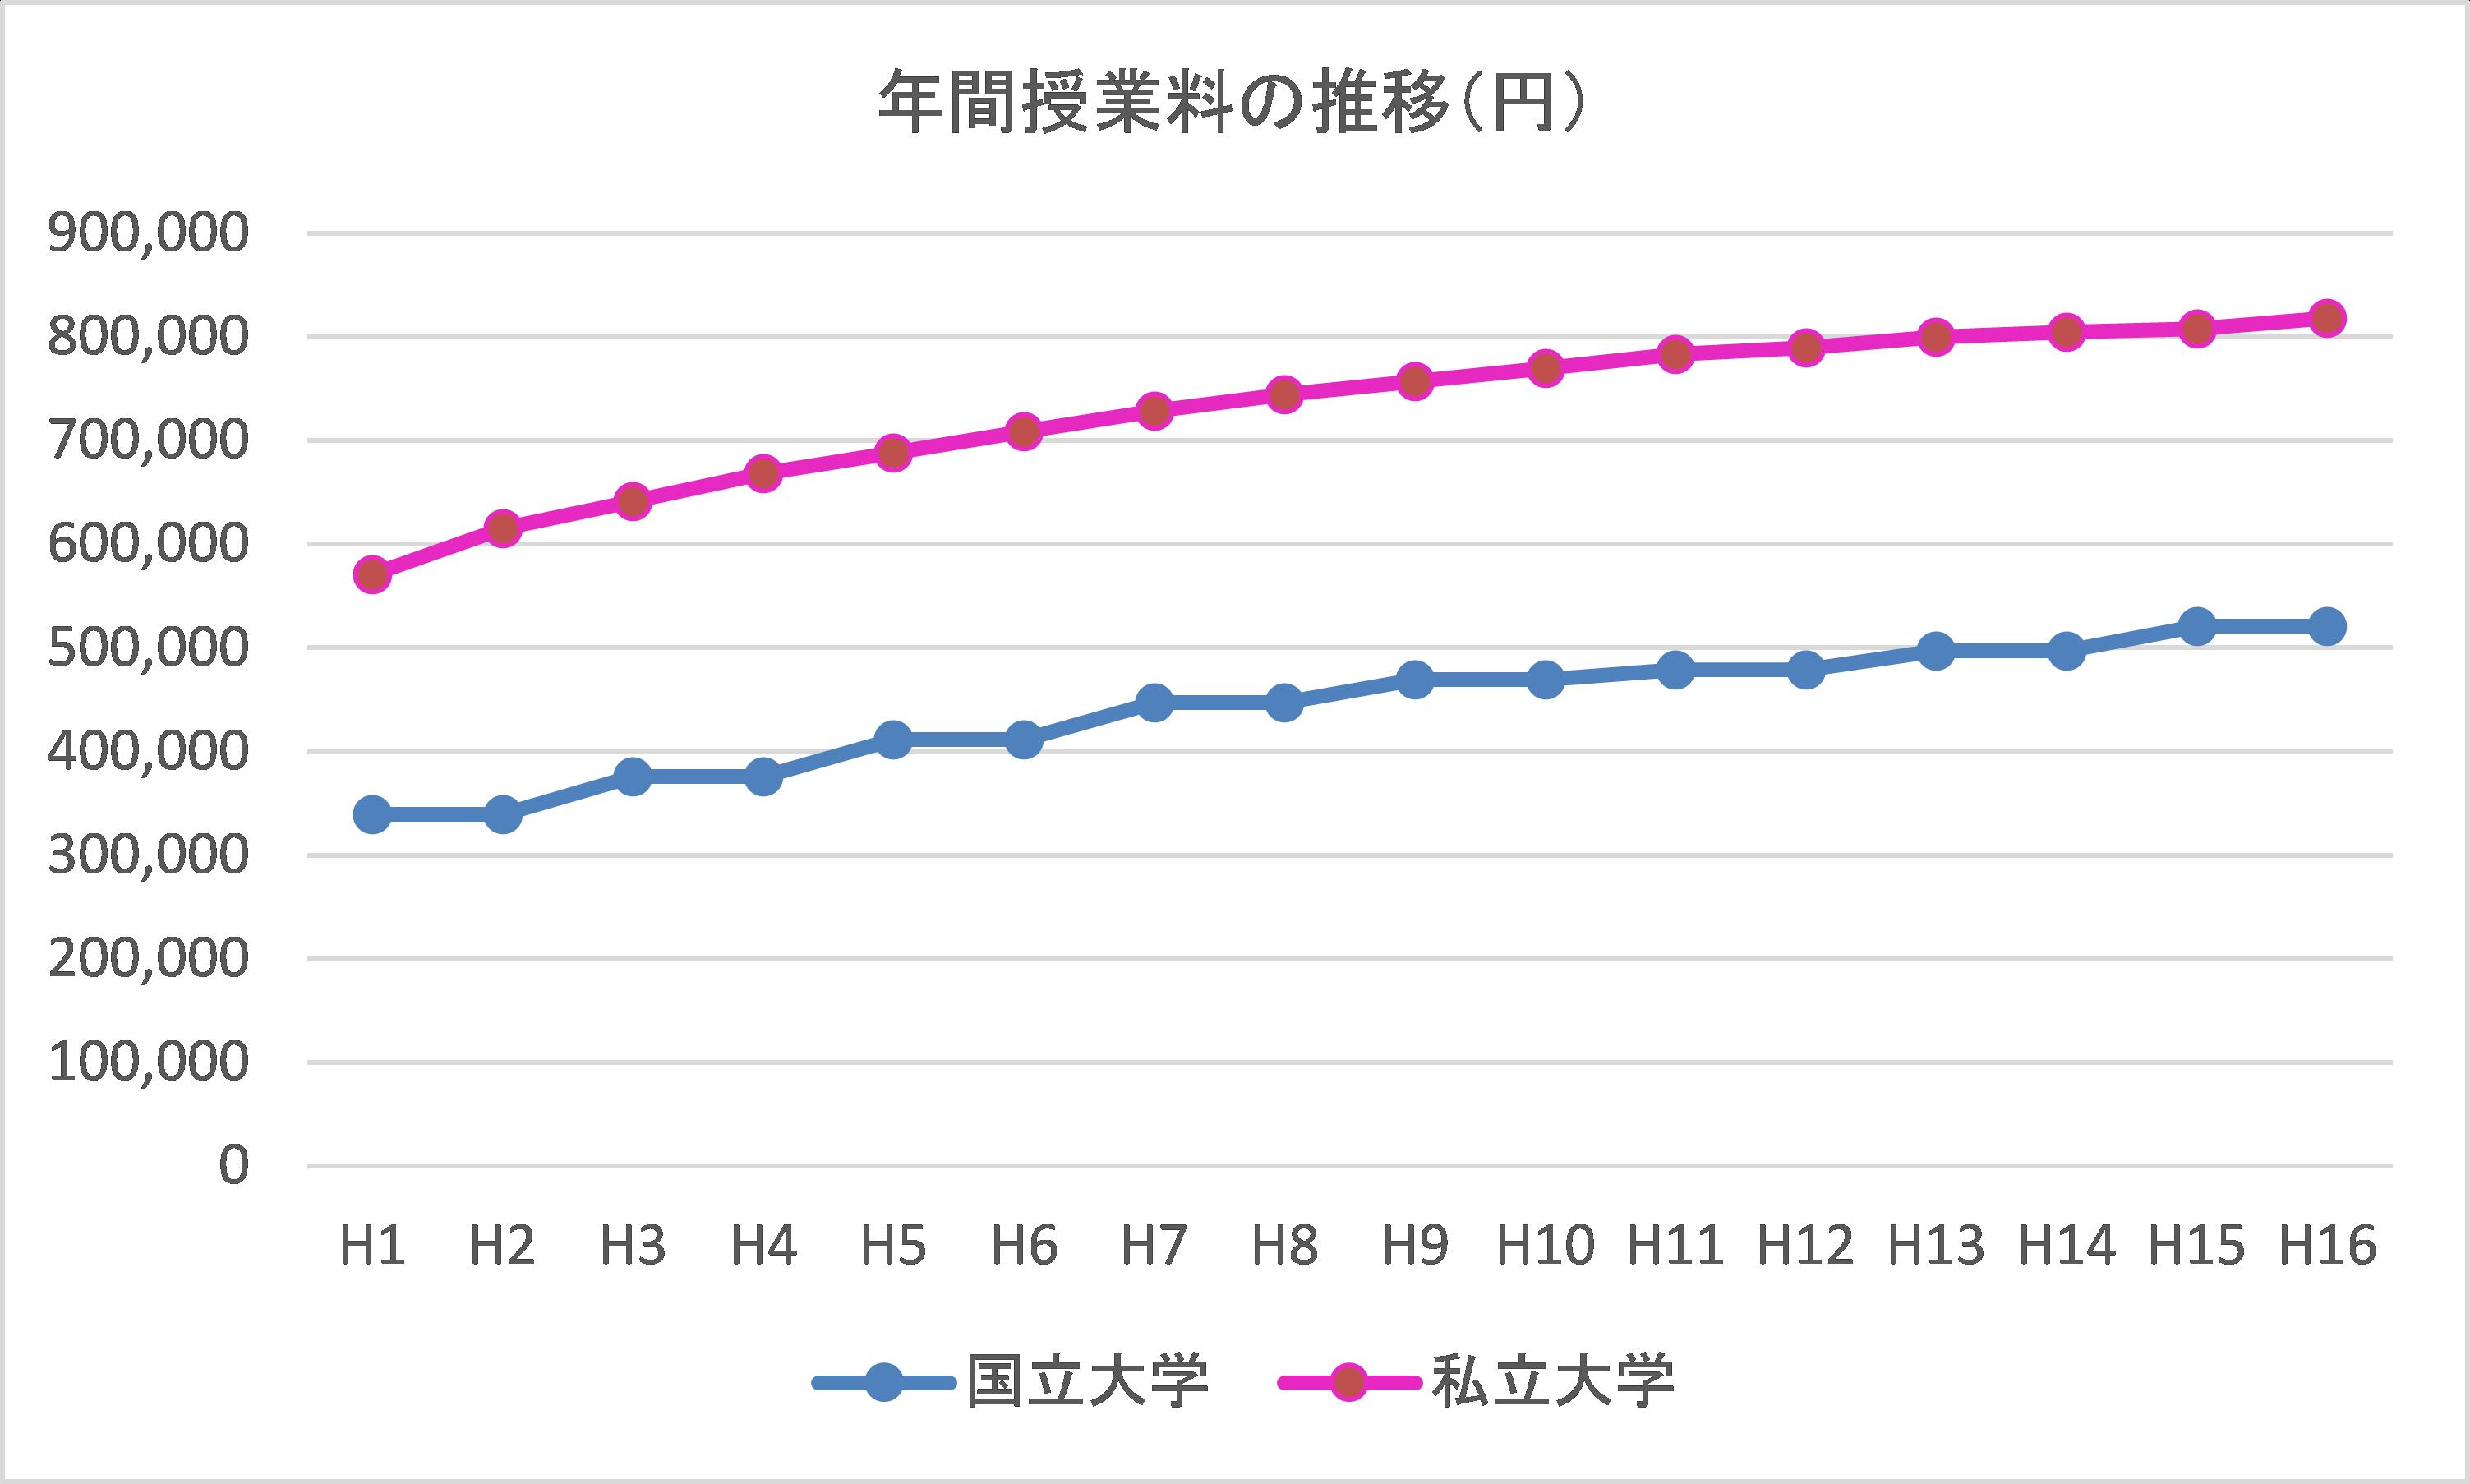 年間授業料の推移